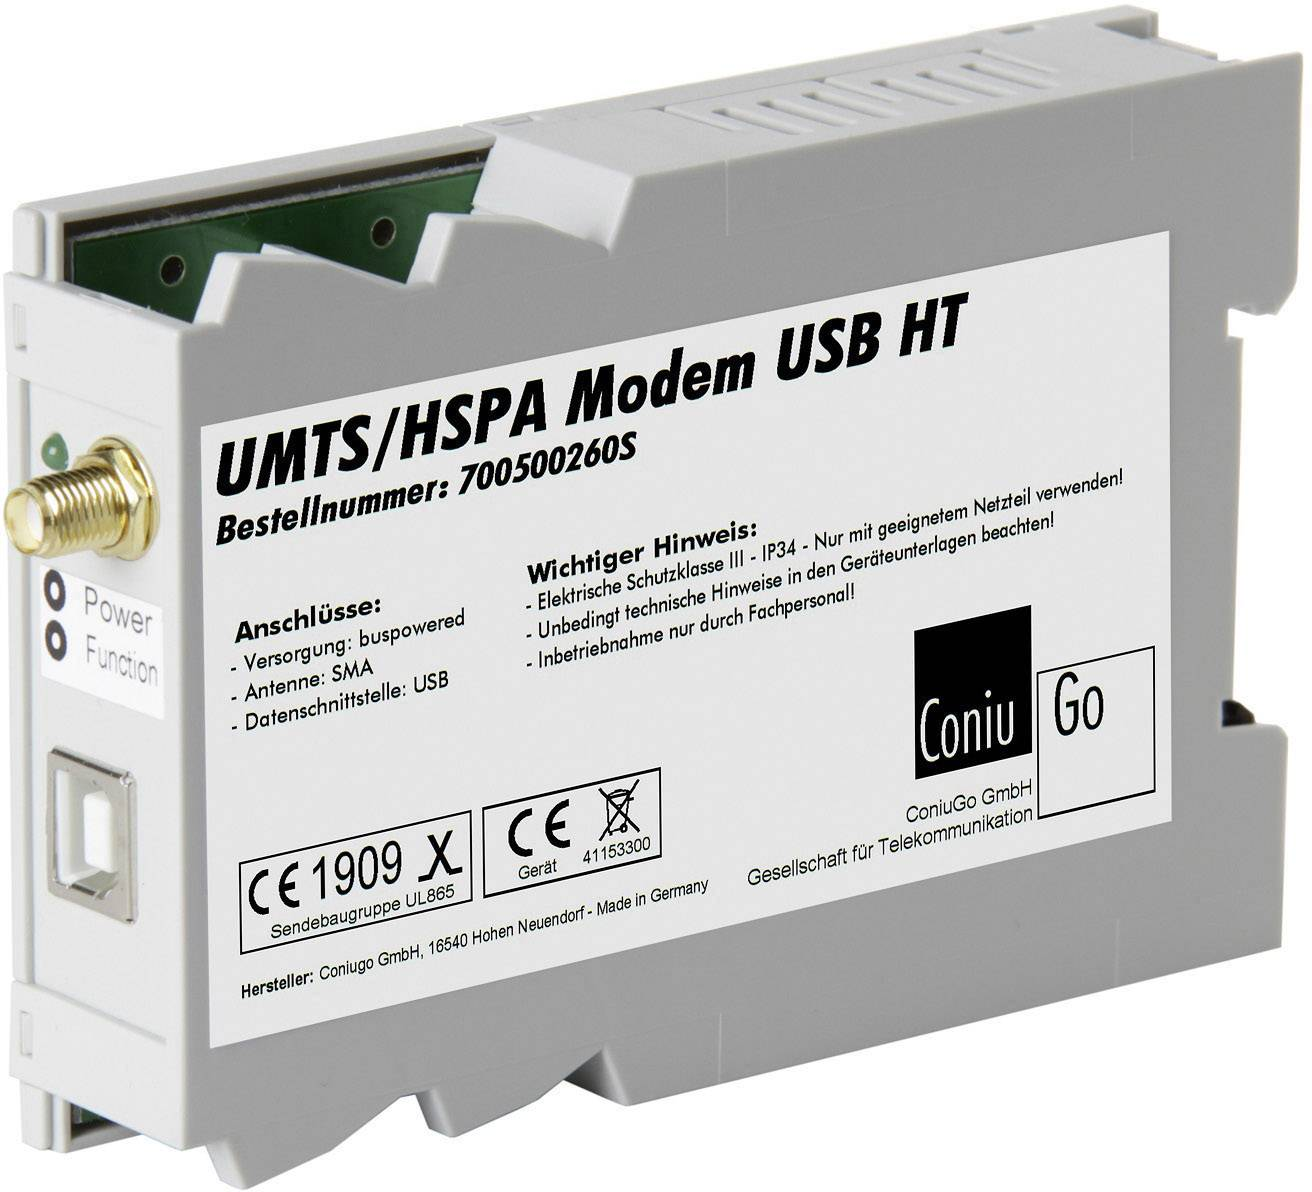 UMTS modem ConiuGo 700500260S (USB-Version), 9 V/DC, 12 V/DC, 24 V/DC, 35 V/DC